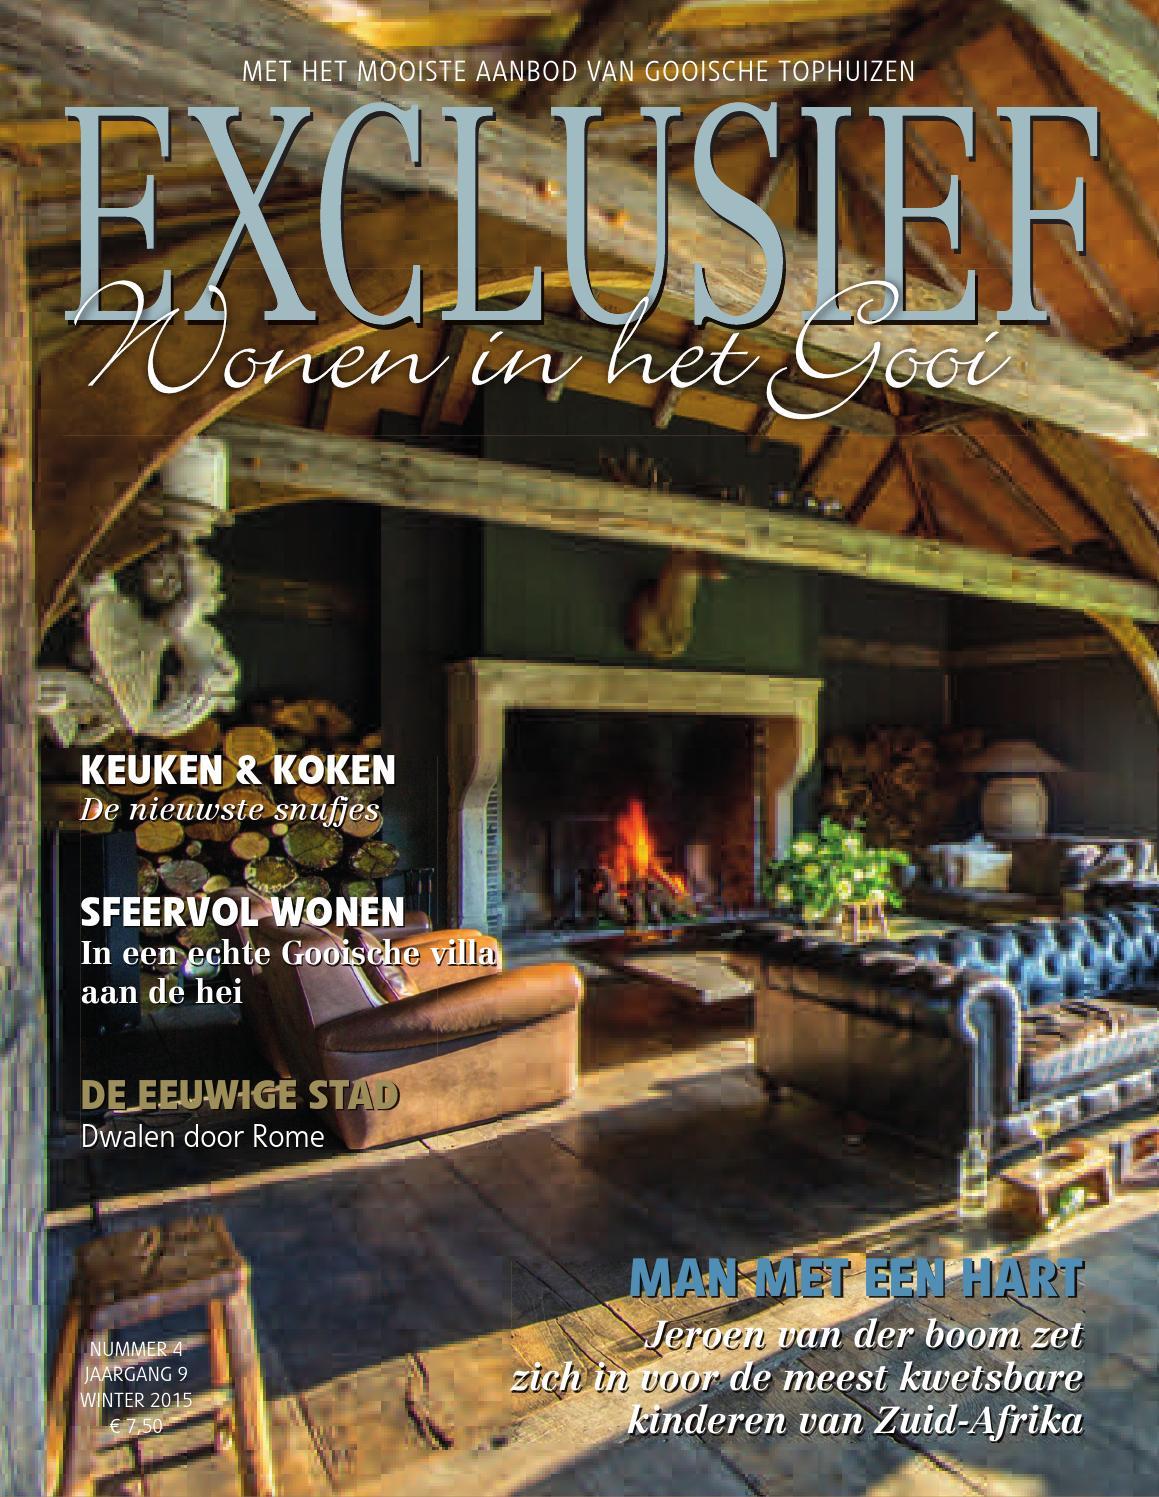 Exclusief, Wonen in het Gooi. Zomer 2014 by maurice@groen-gv.nl ...